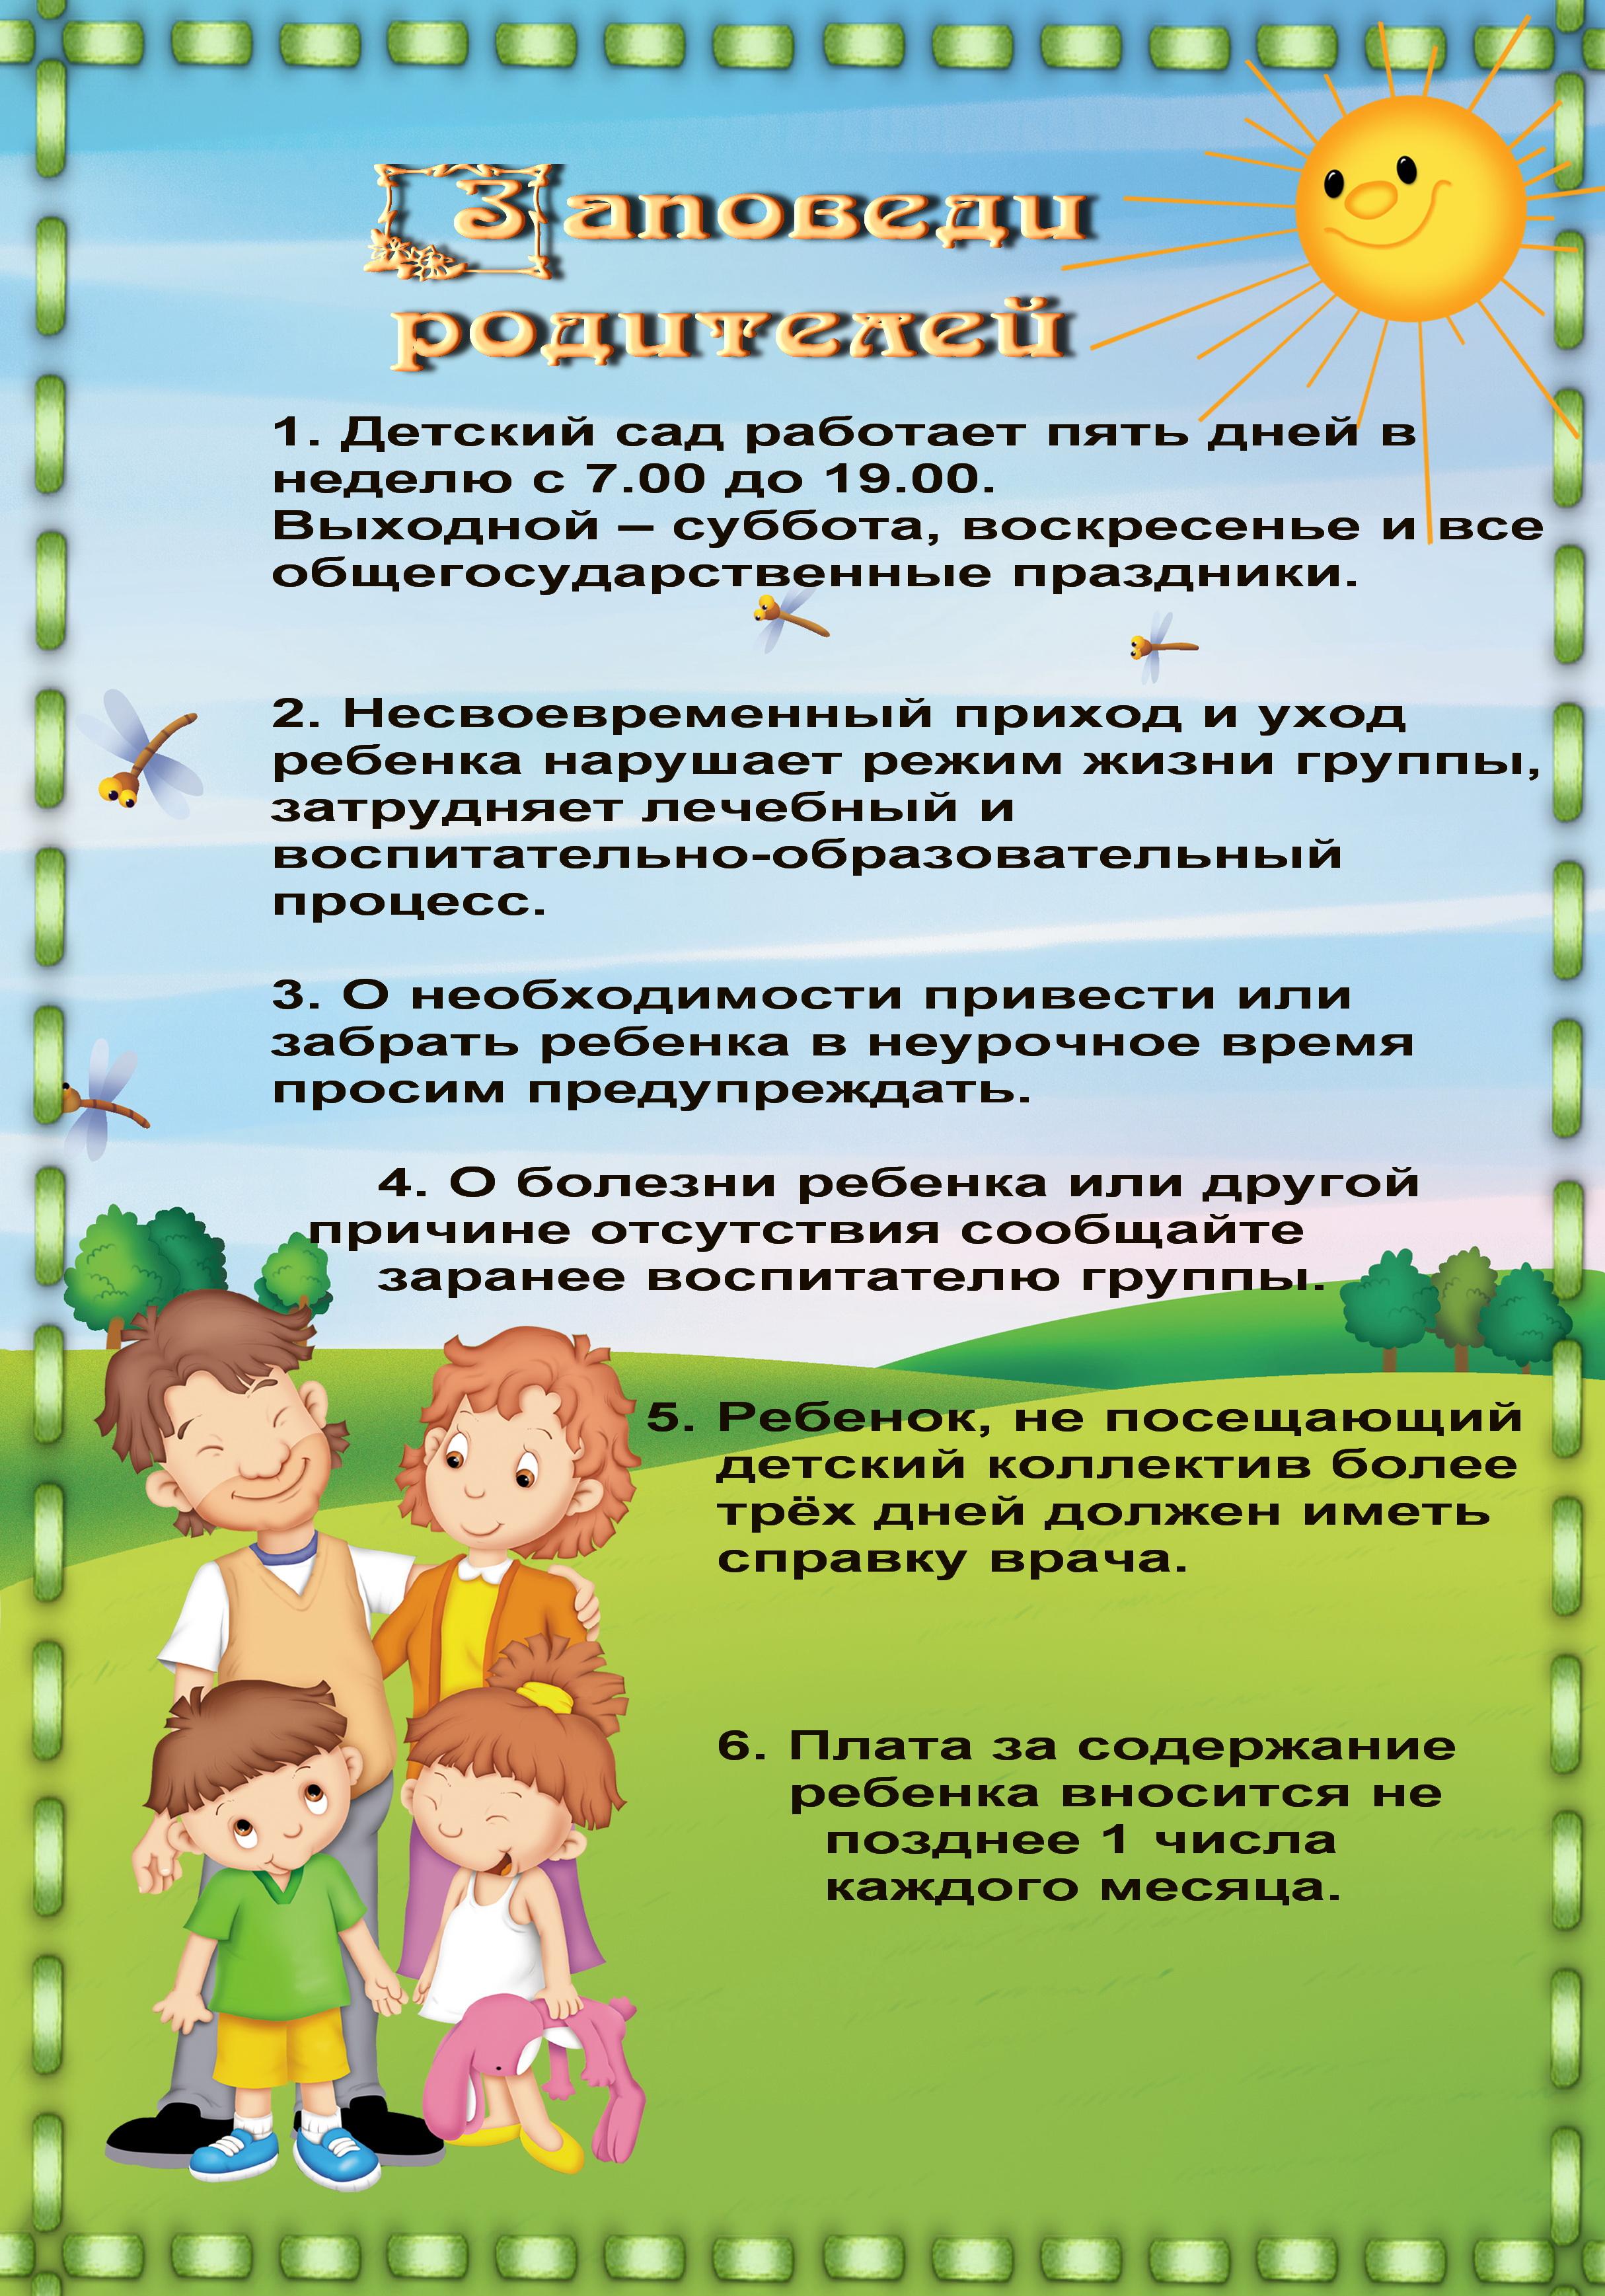 правила содержания детей в детском саду того